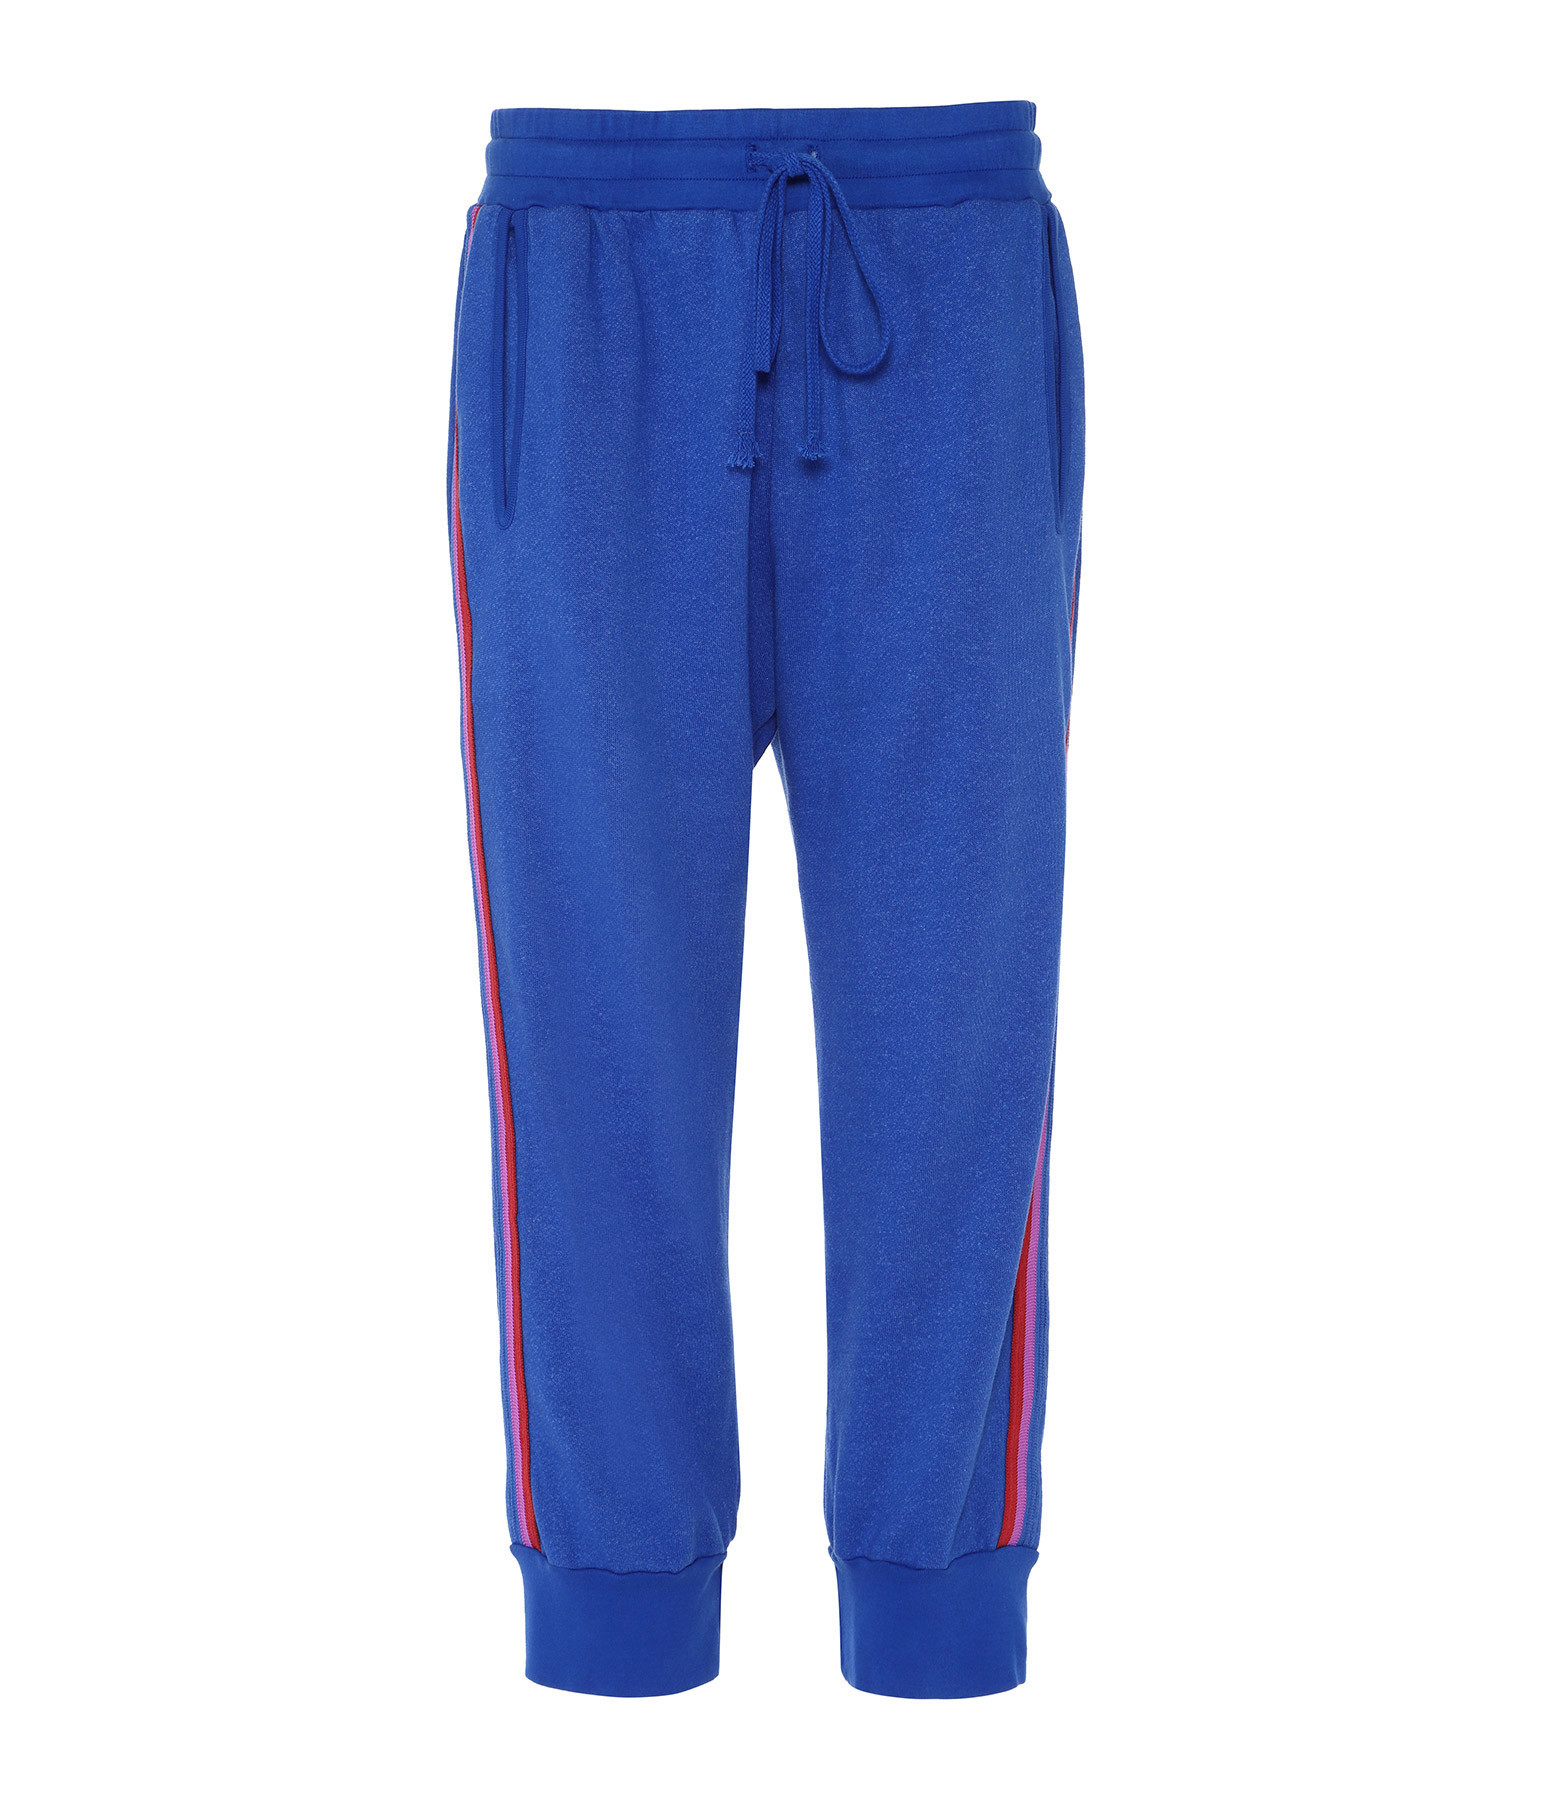 XIRENA - Pantalon Simon Surfer Bleu